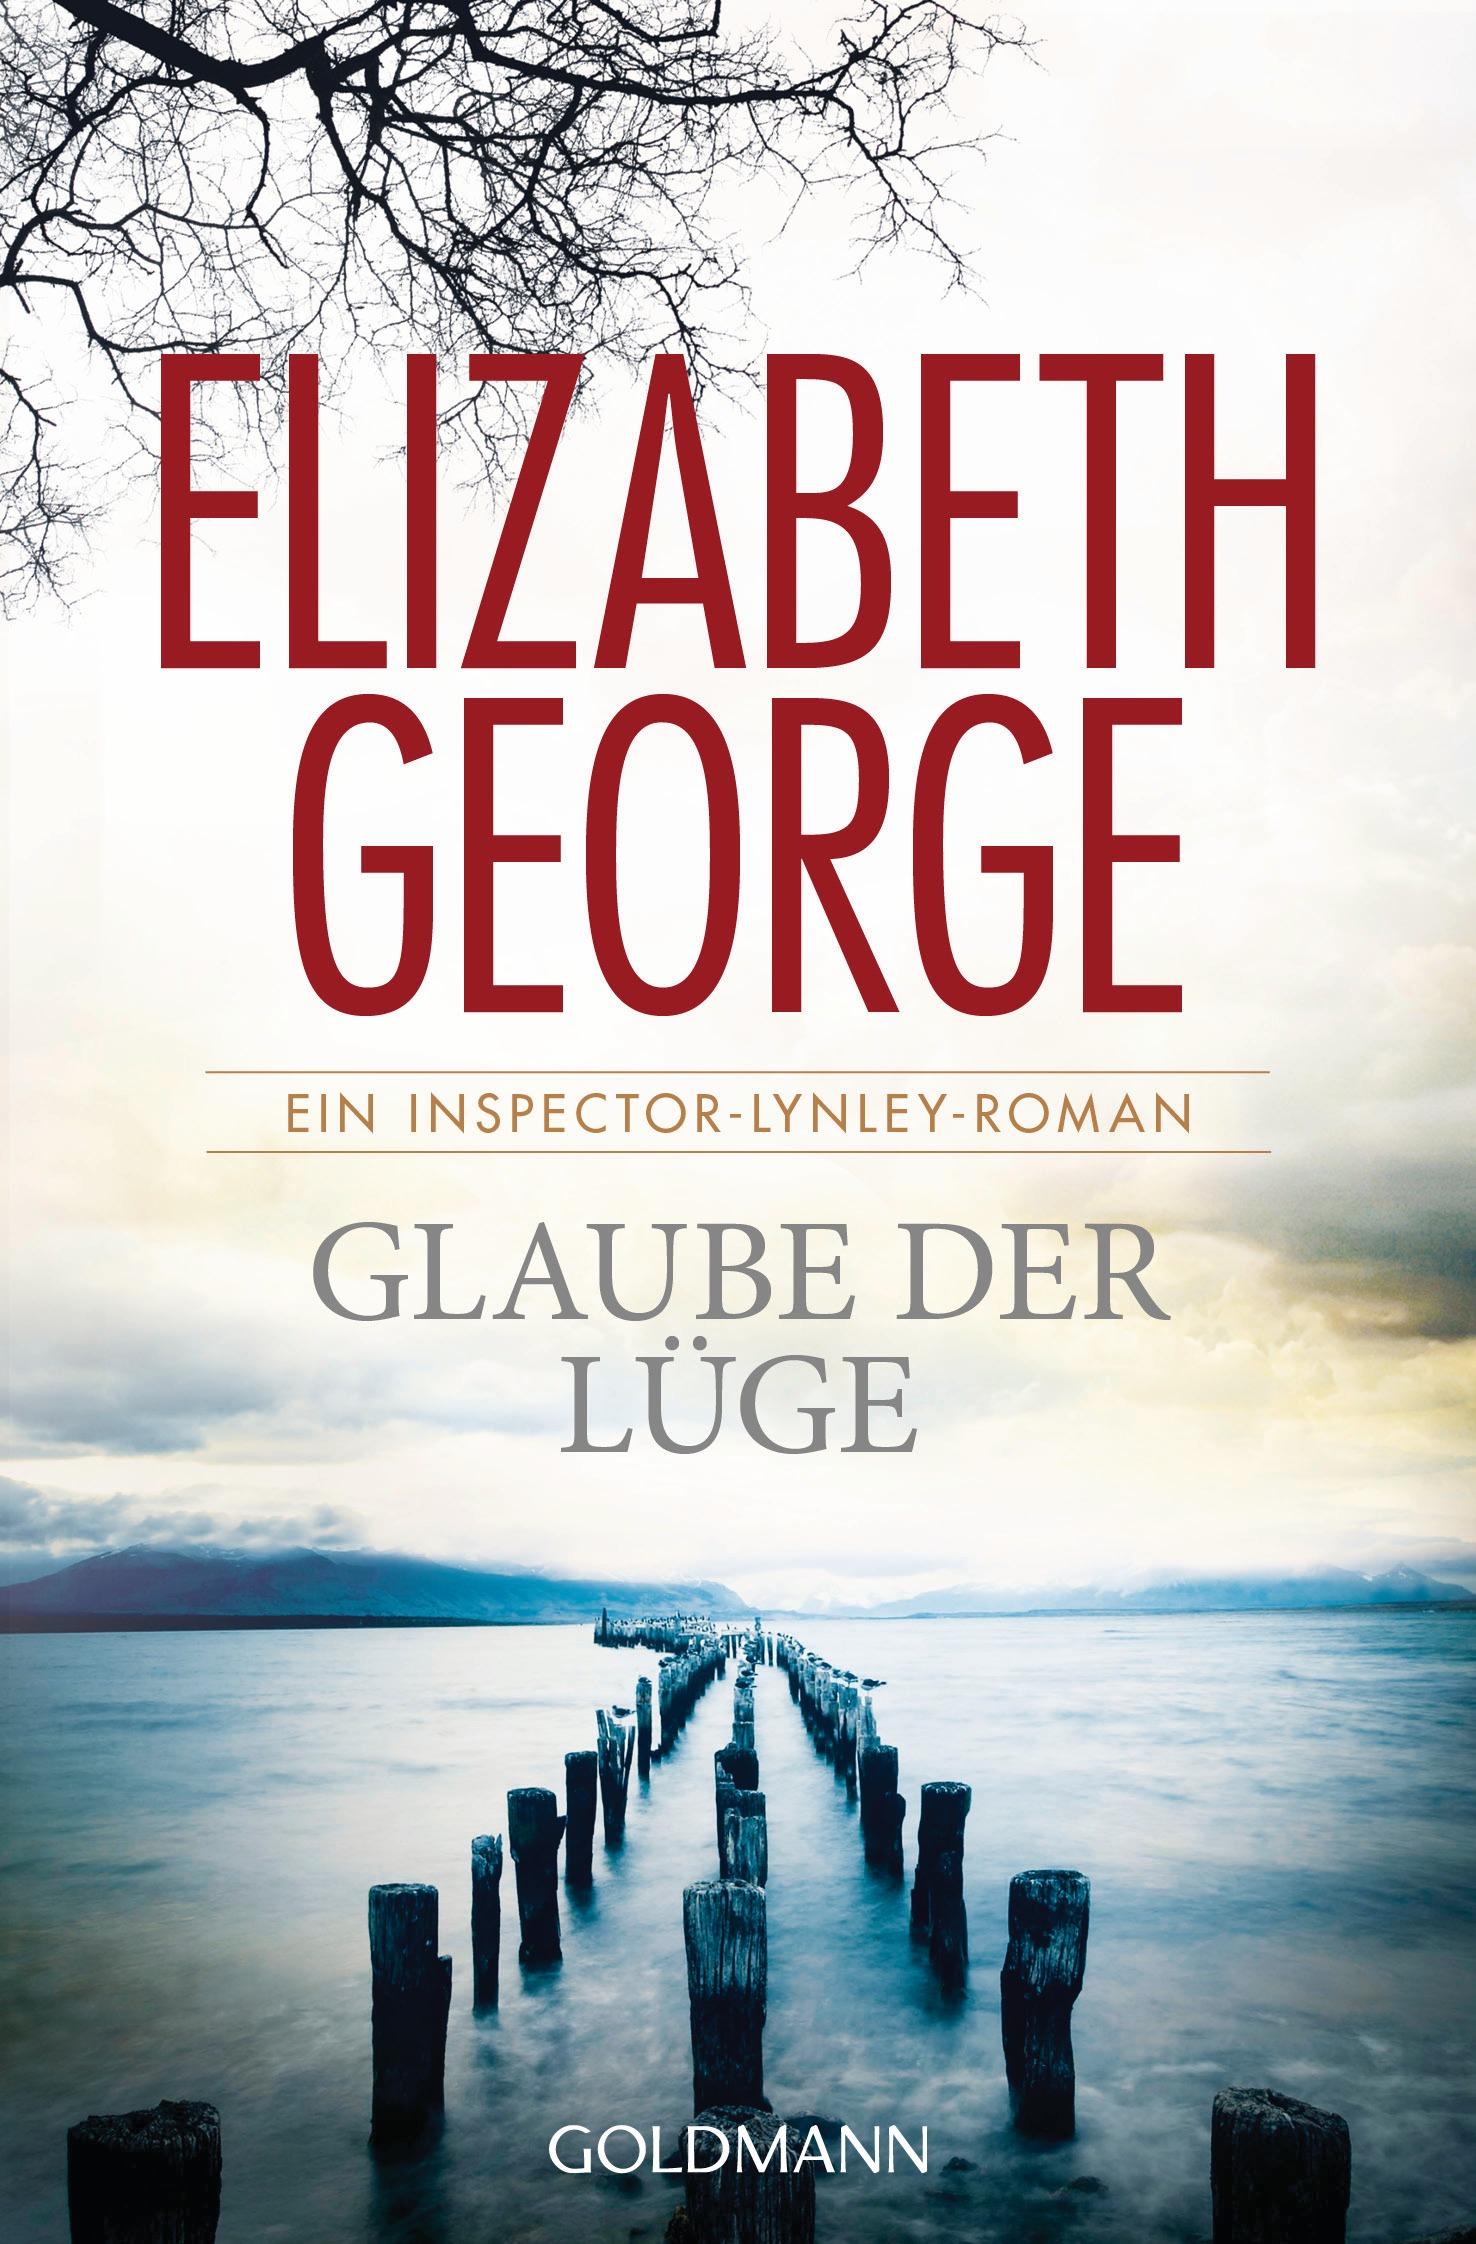 Glaube der Luege von Elizabeth George